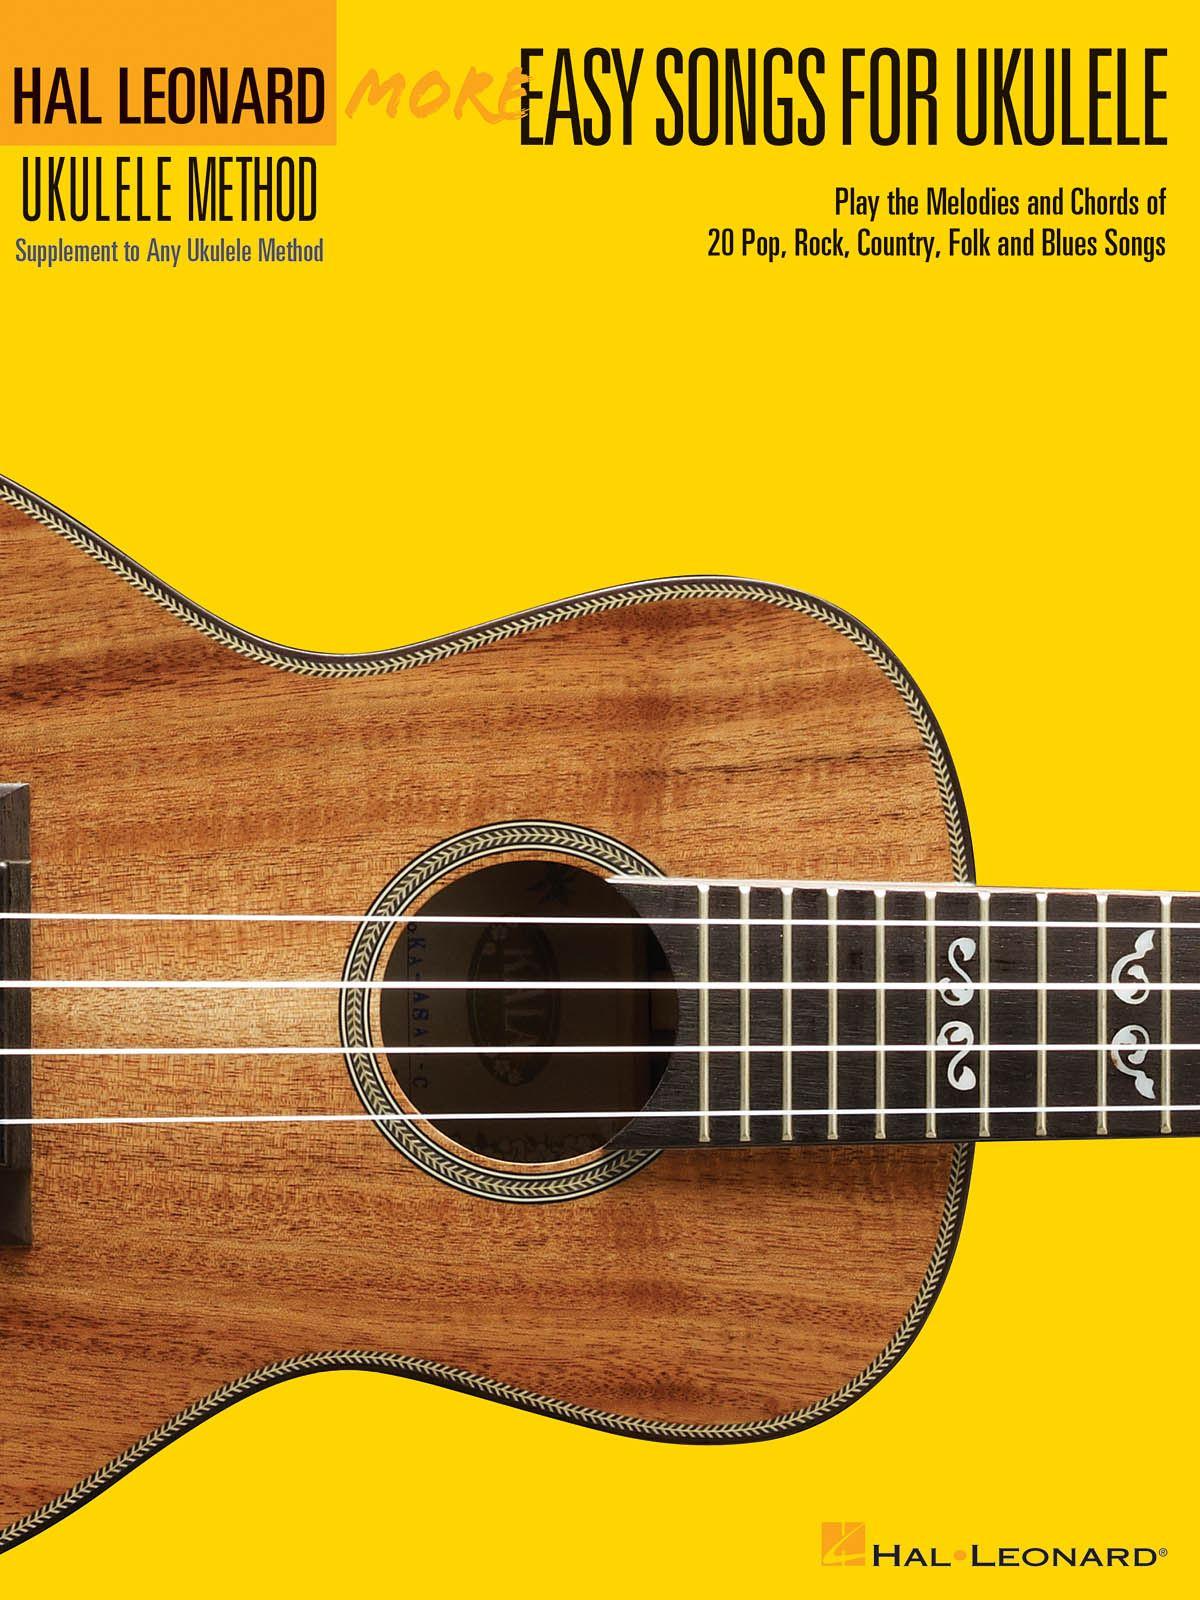 More Easy Songs for Ukulele: Ukulele: Mixed Songbook